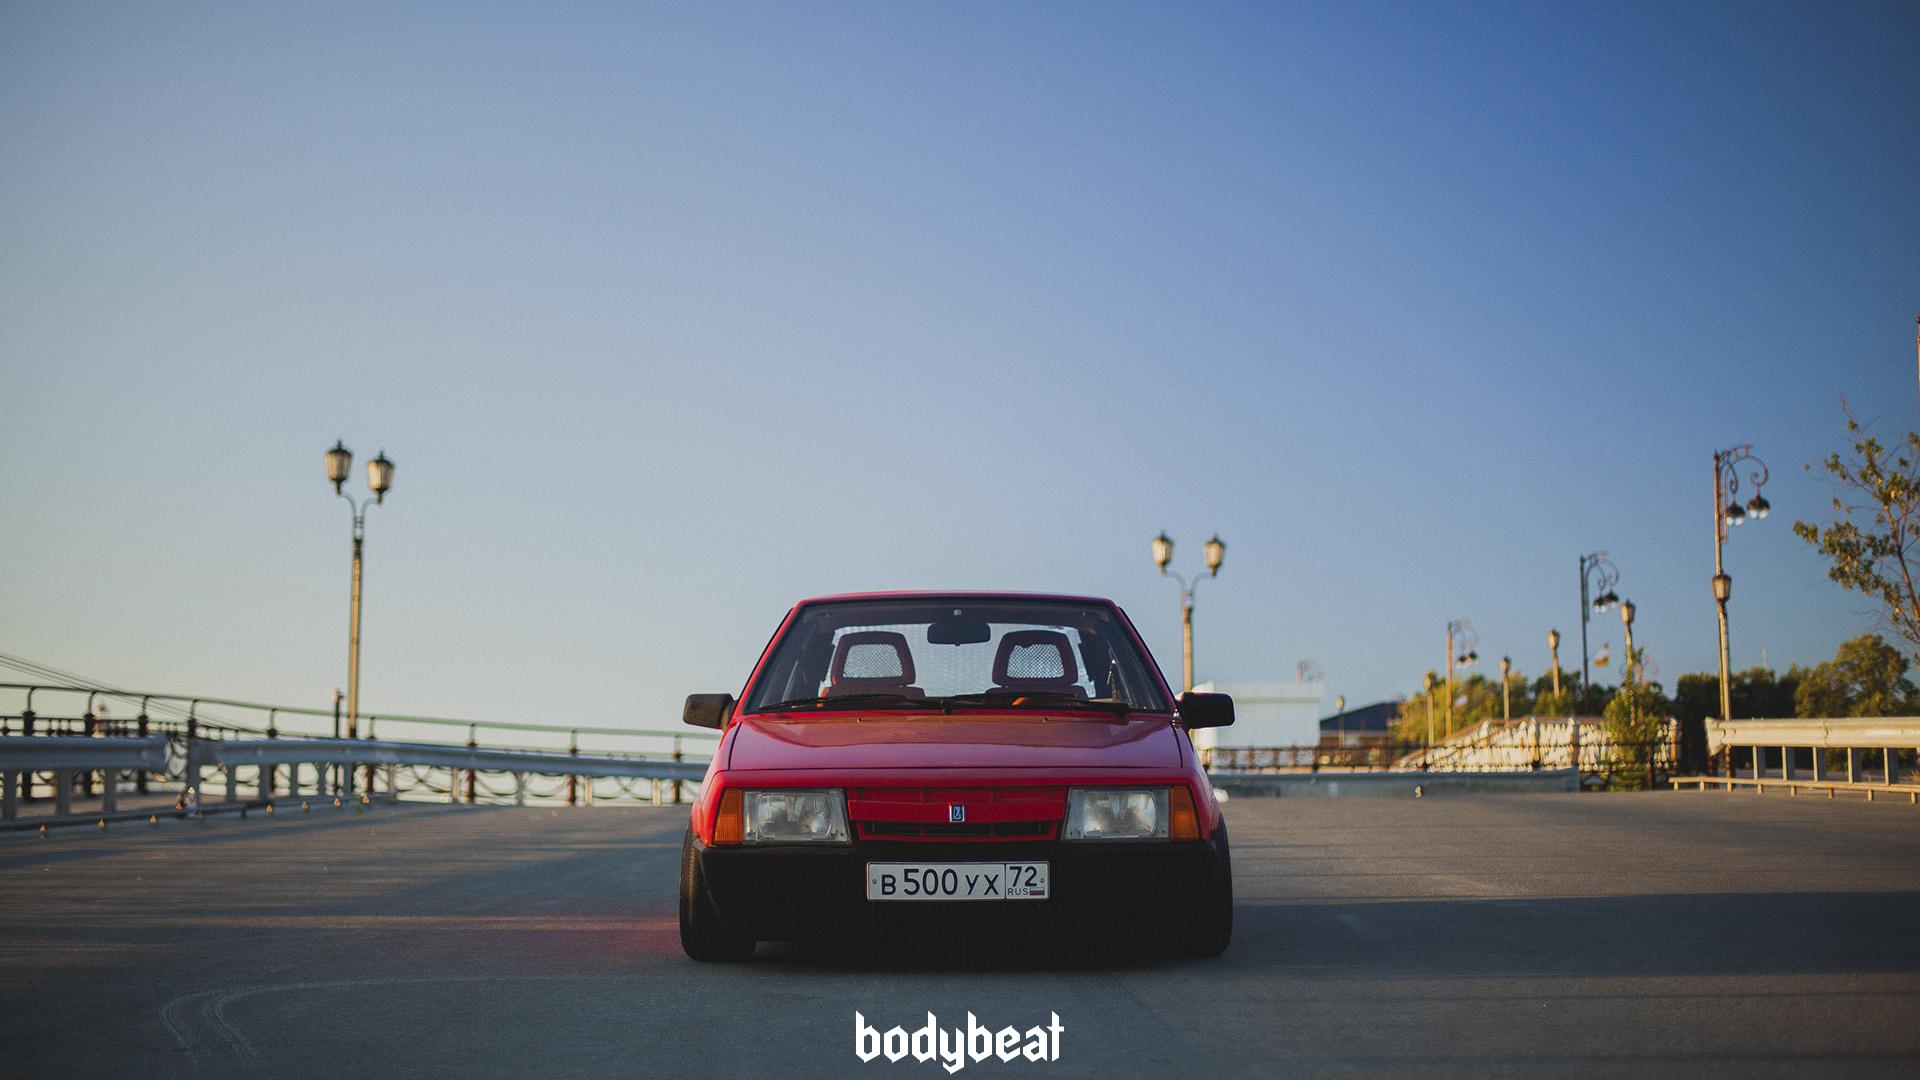 bodybeat-2108-tumen-17